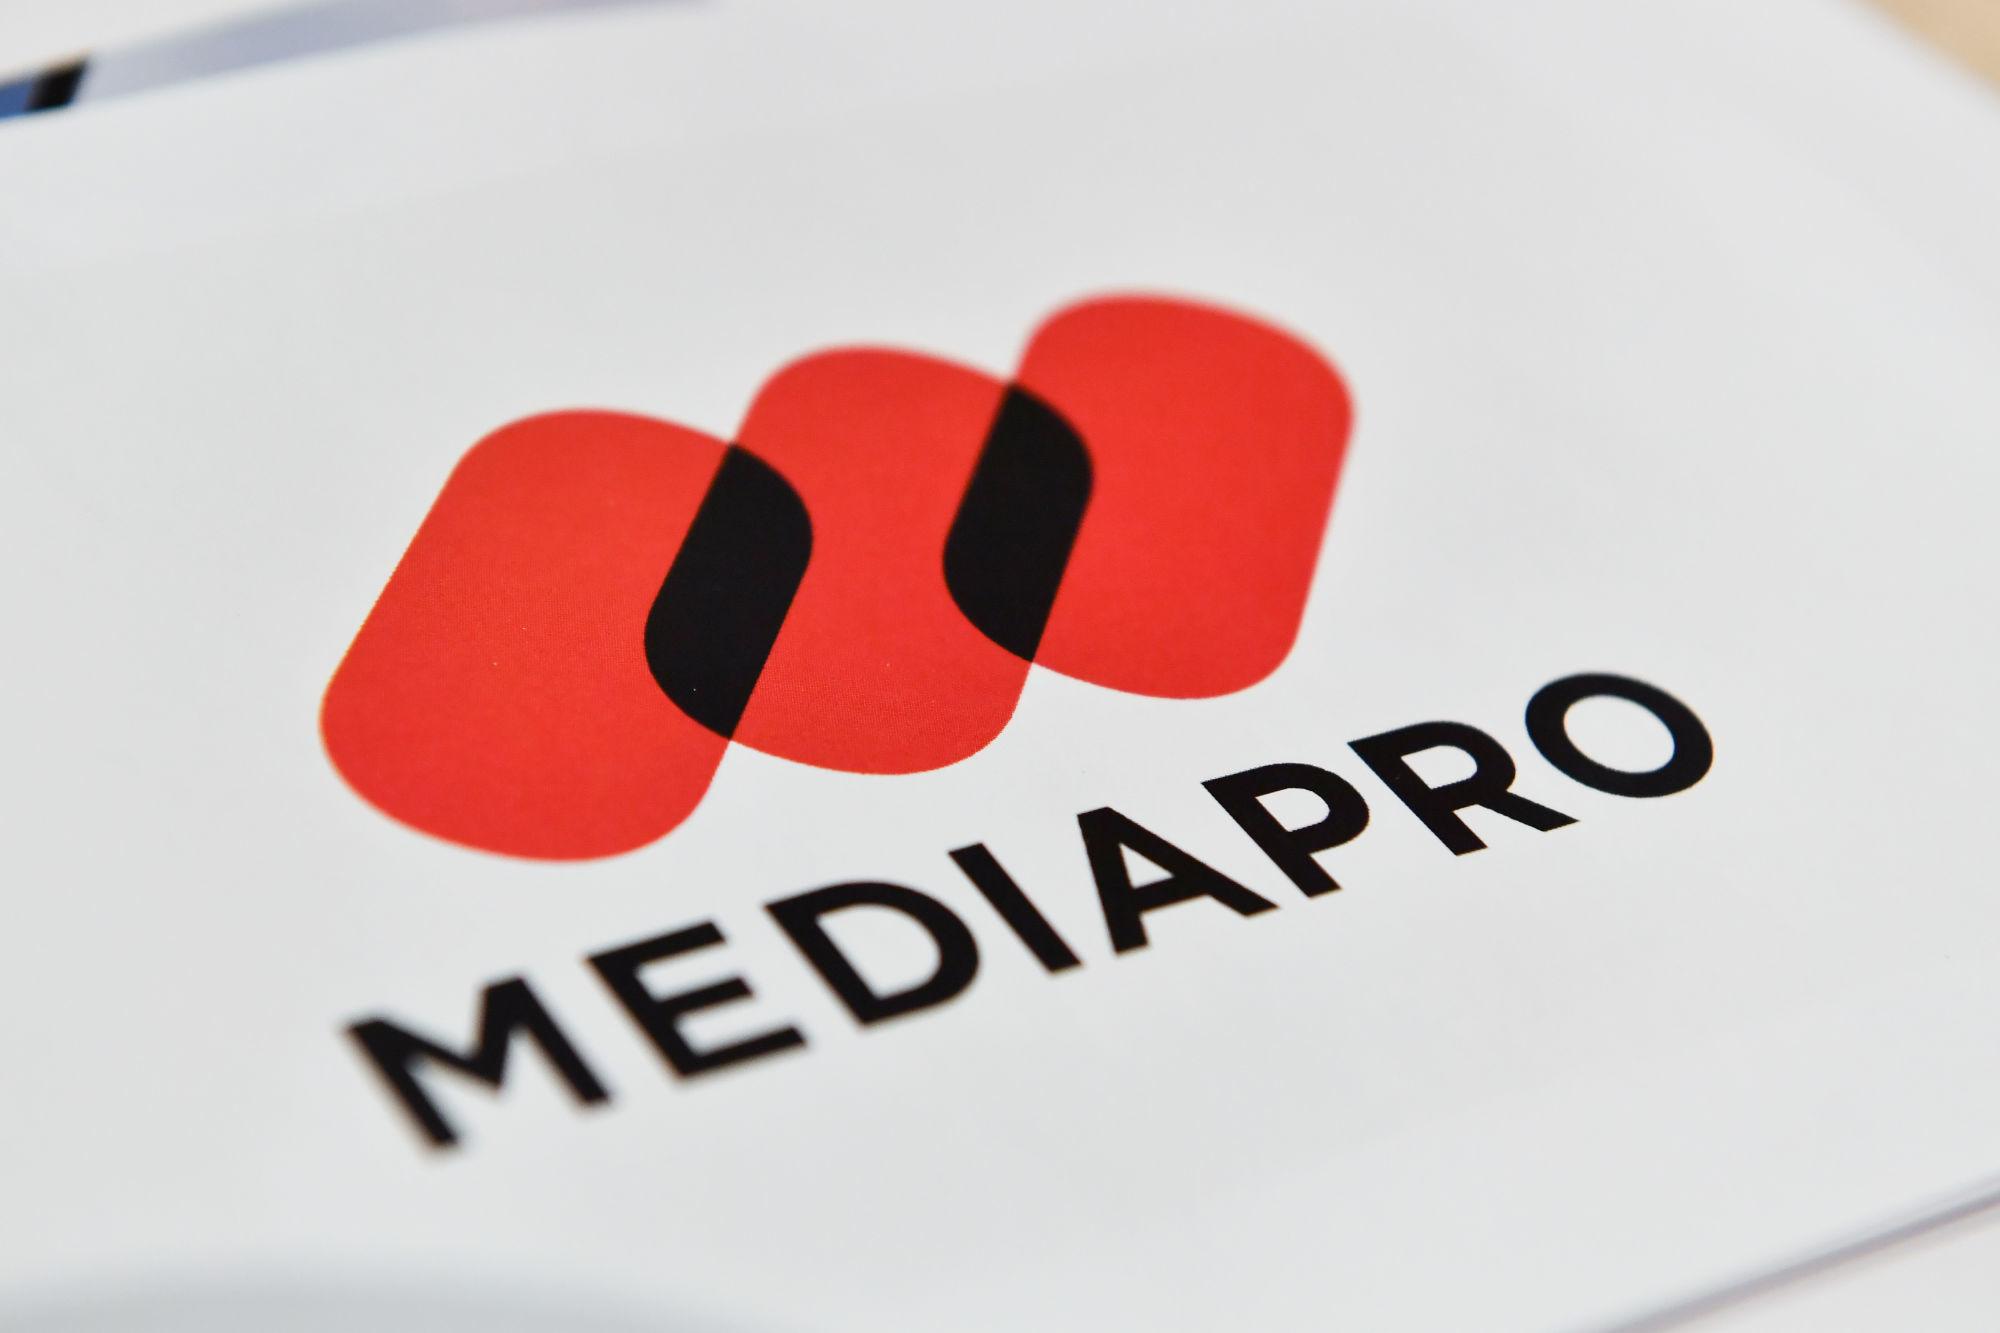 Mediapro a trouvé un accord avec Netflix pour la diffusion de sa chaîne Téléfoot, selon L'Équipe